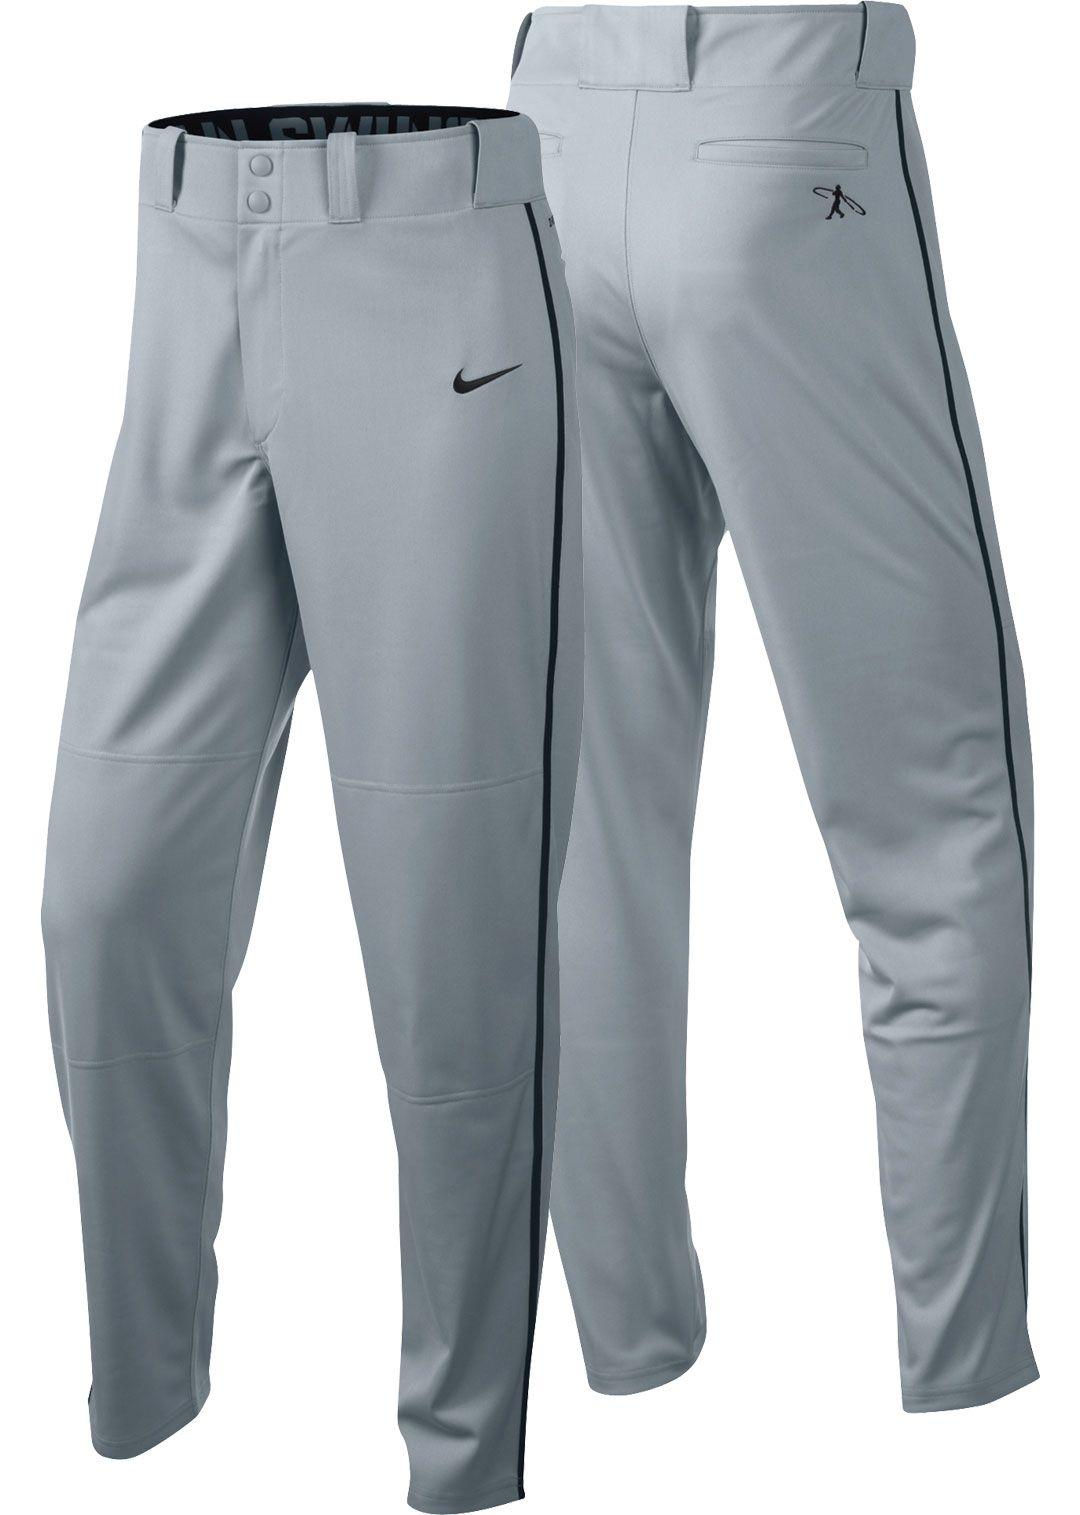 0bb54632 Nike Men's Swingman Dri-FIT Piped Baseball Pants | DICK'S Sporting Goods